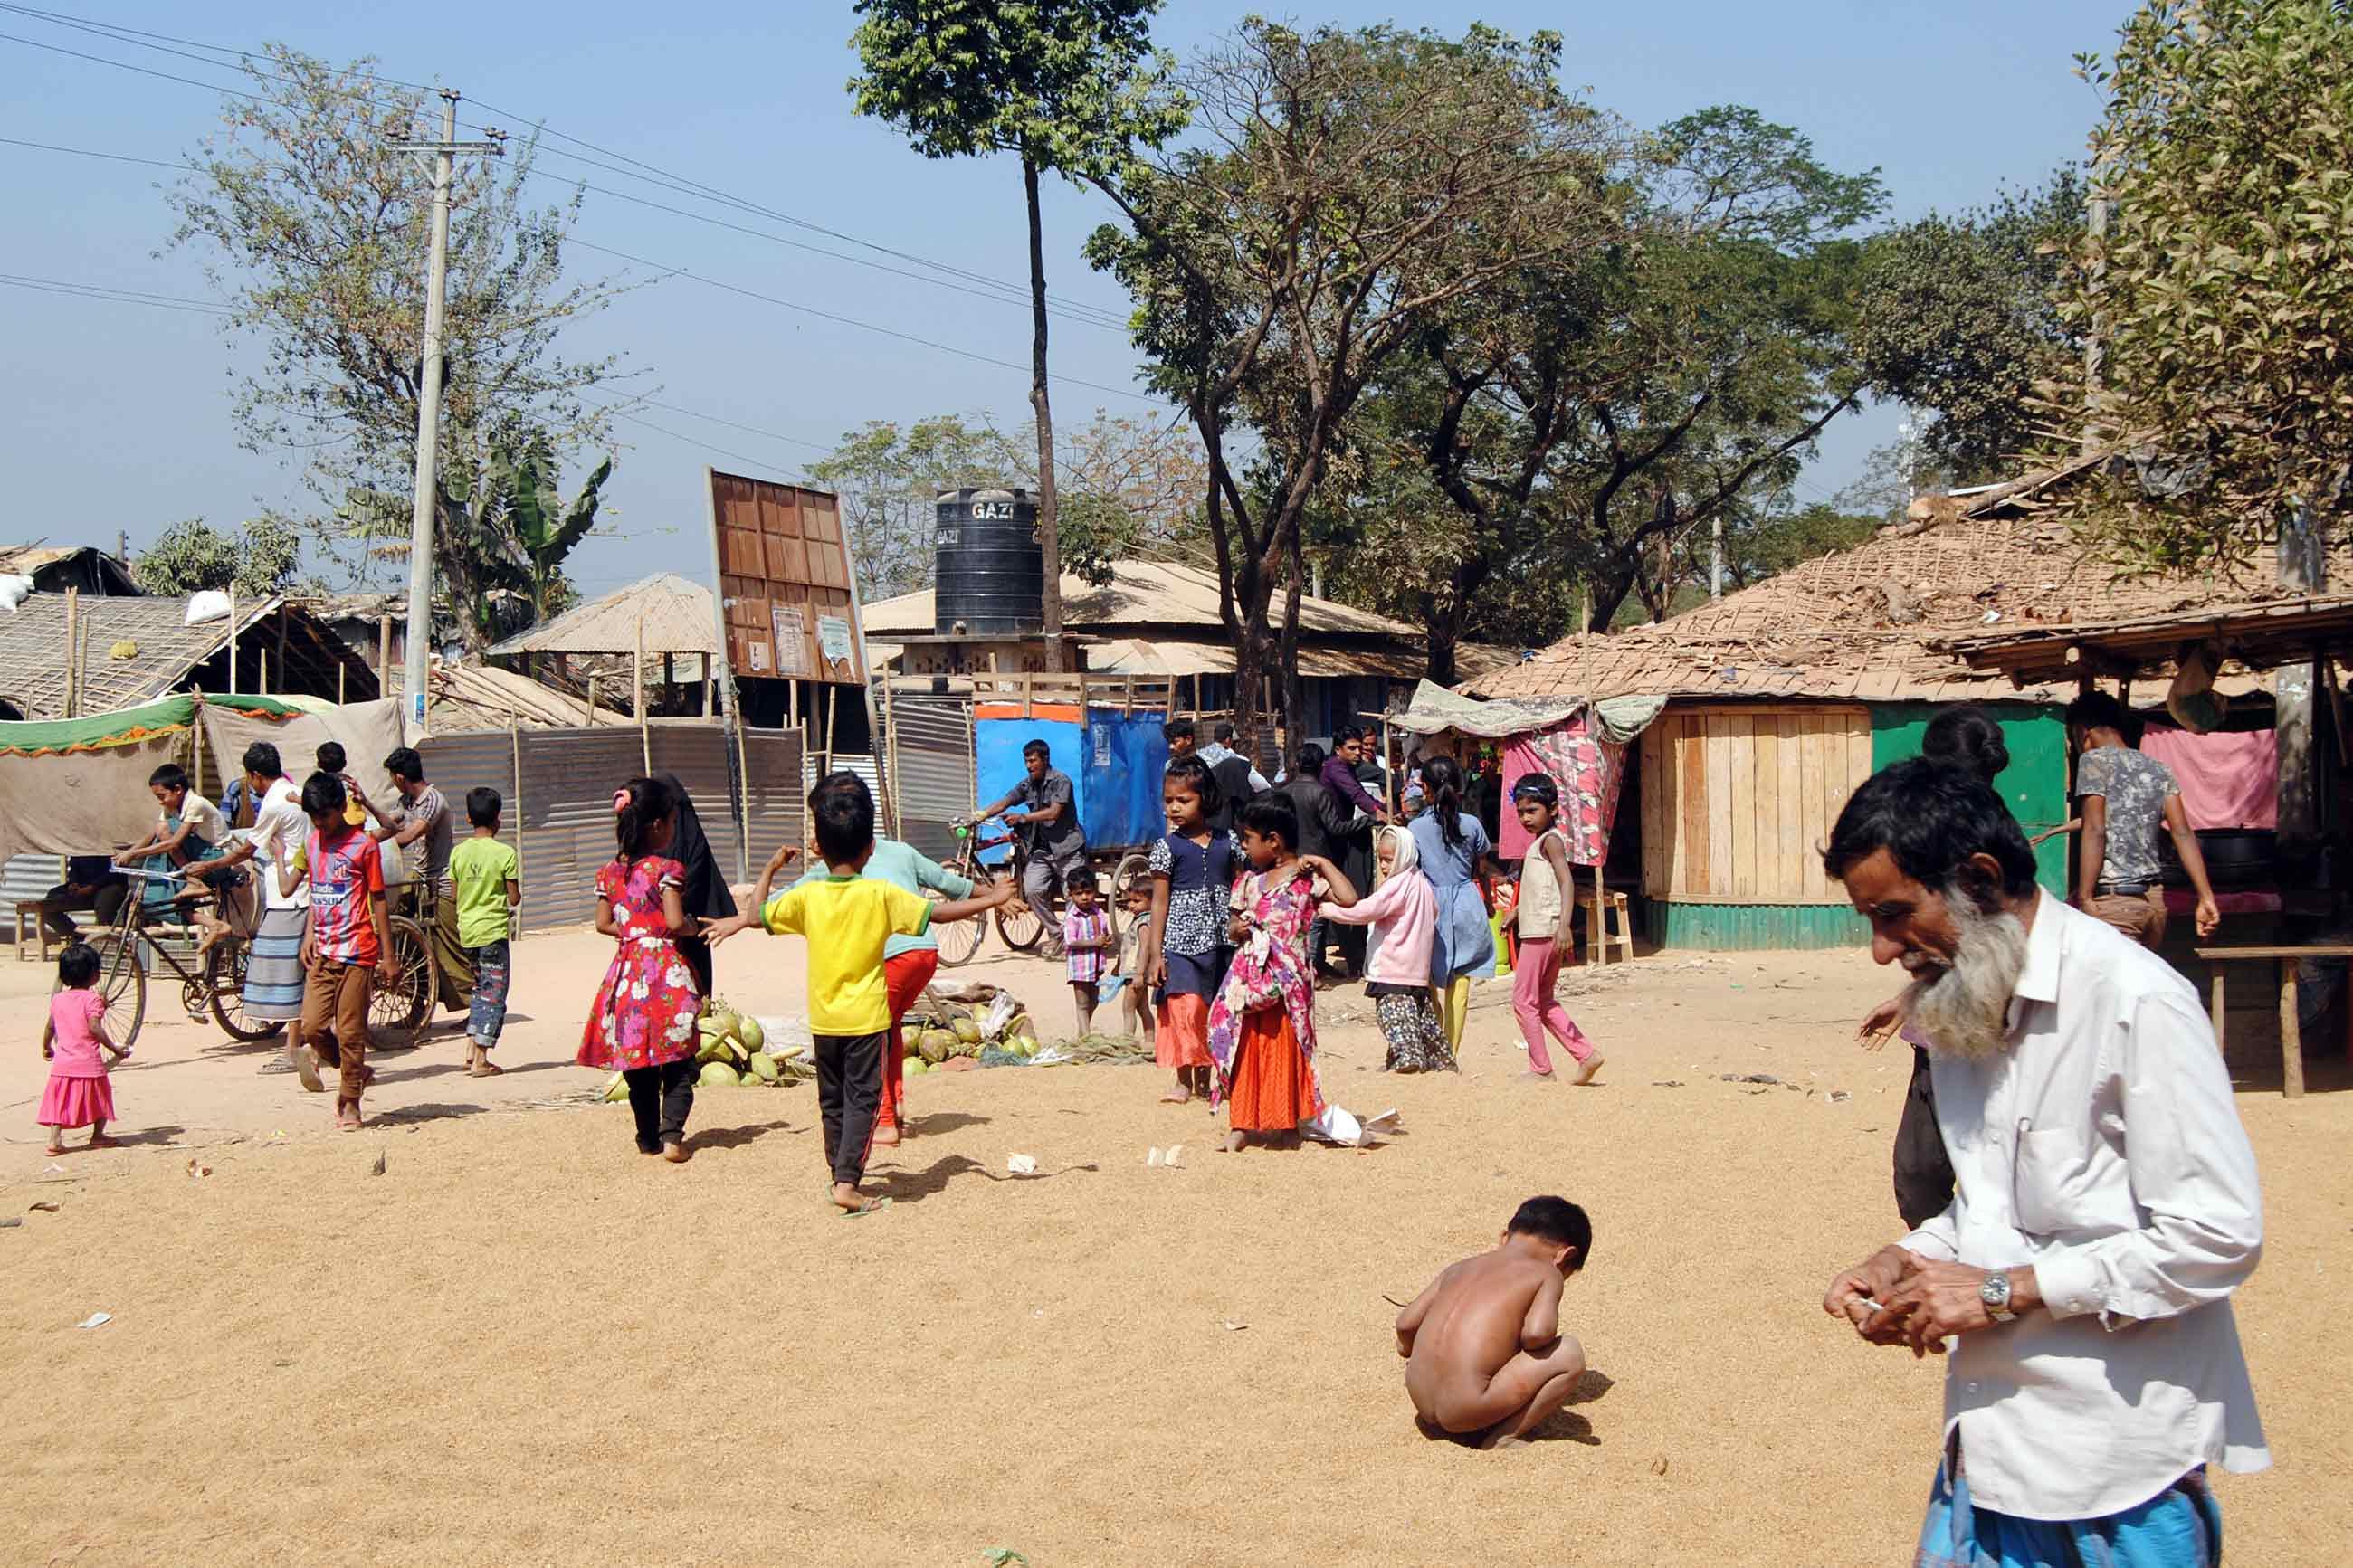 rohingya refugees camp in 2019 - <b>У М'янмі переворот, владу (знову) захопила військова хунта.</b>  За її правління був геноцид народу рогінджа - Заборона